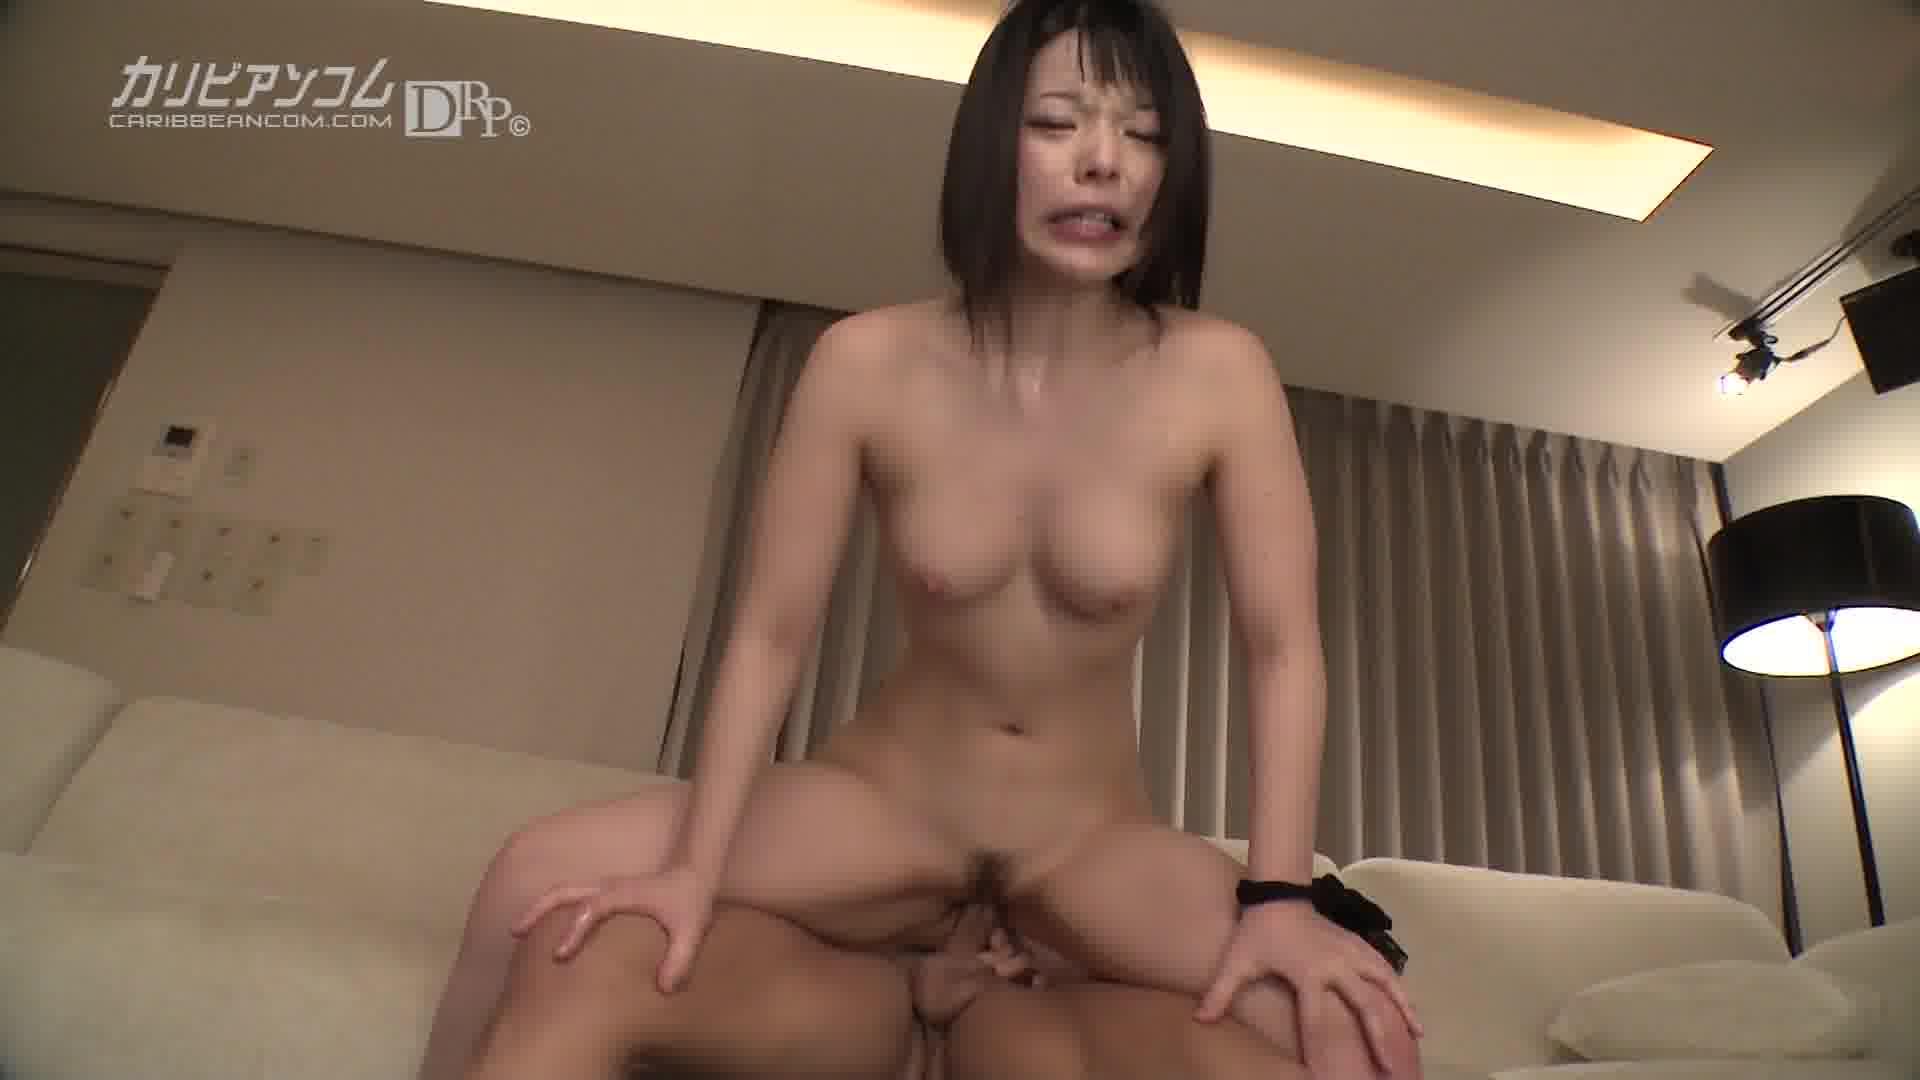 激イカセ - 上原亜衣【バイブ・ぶっかけ・ハード系】